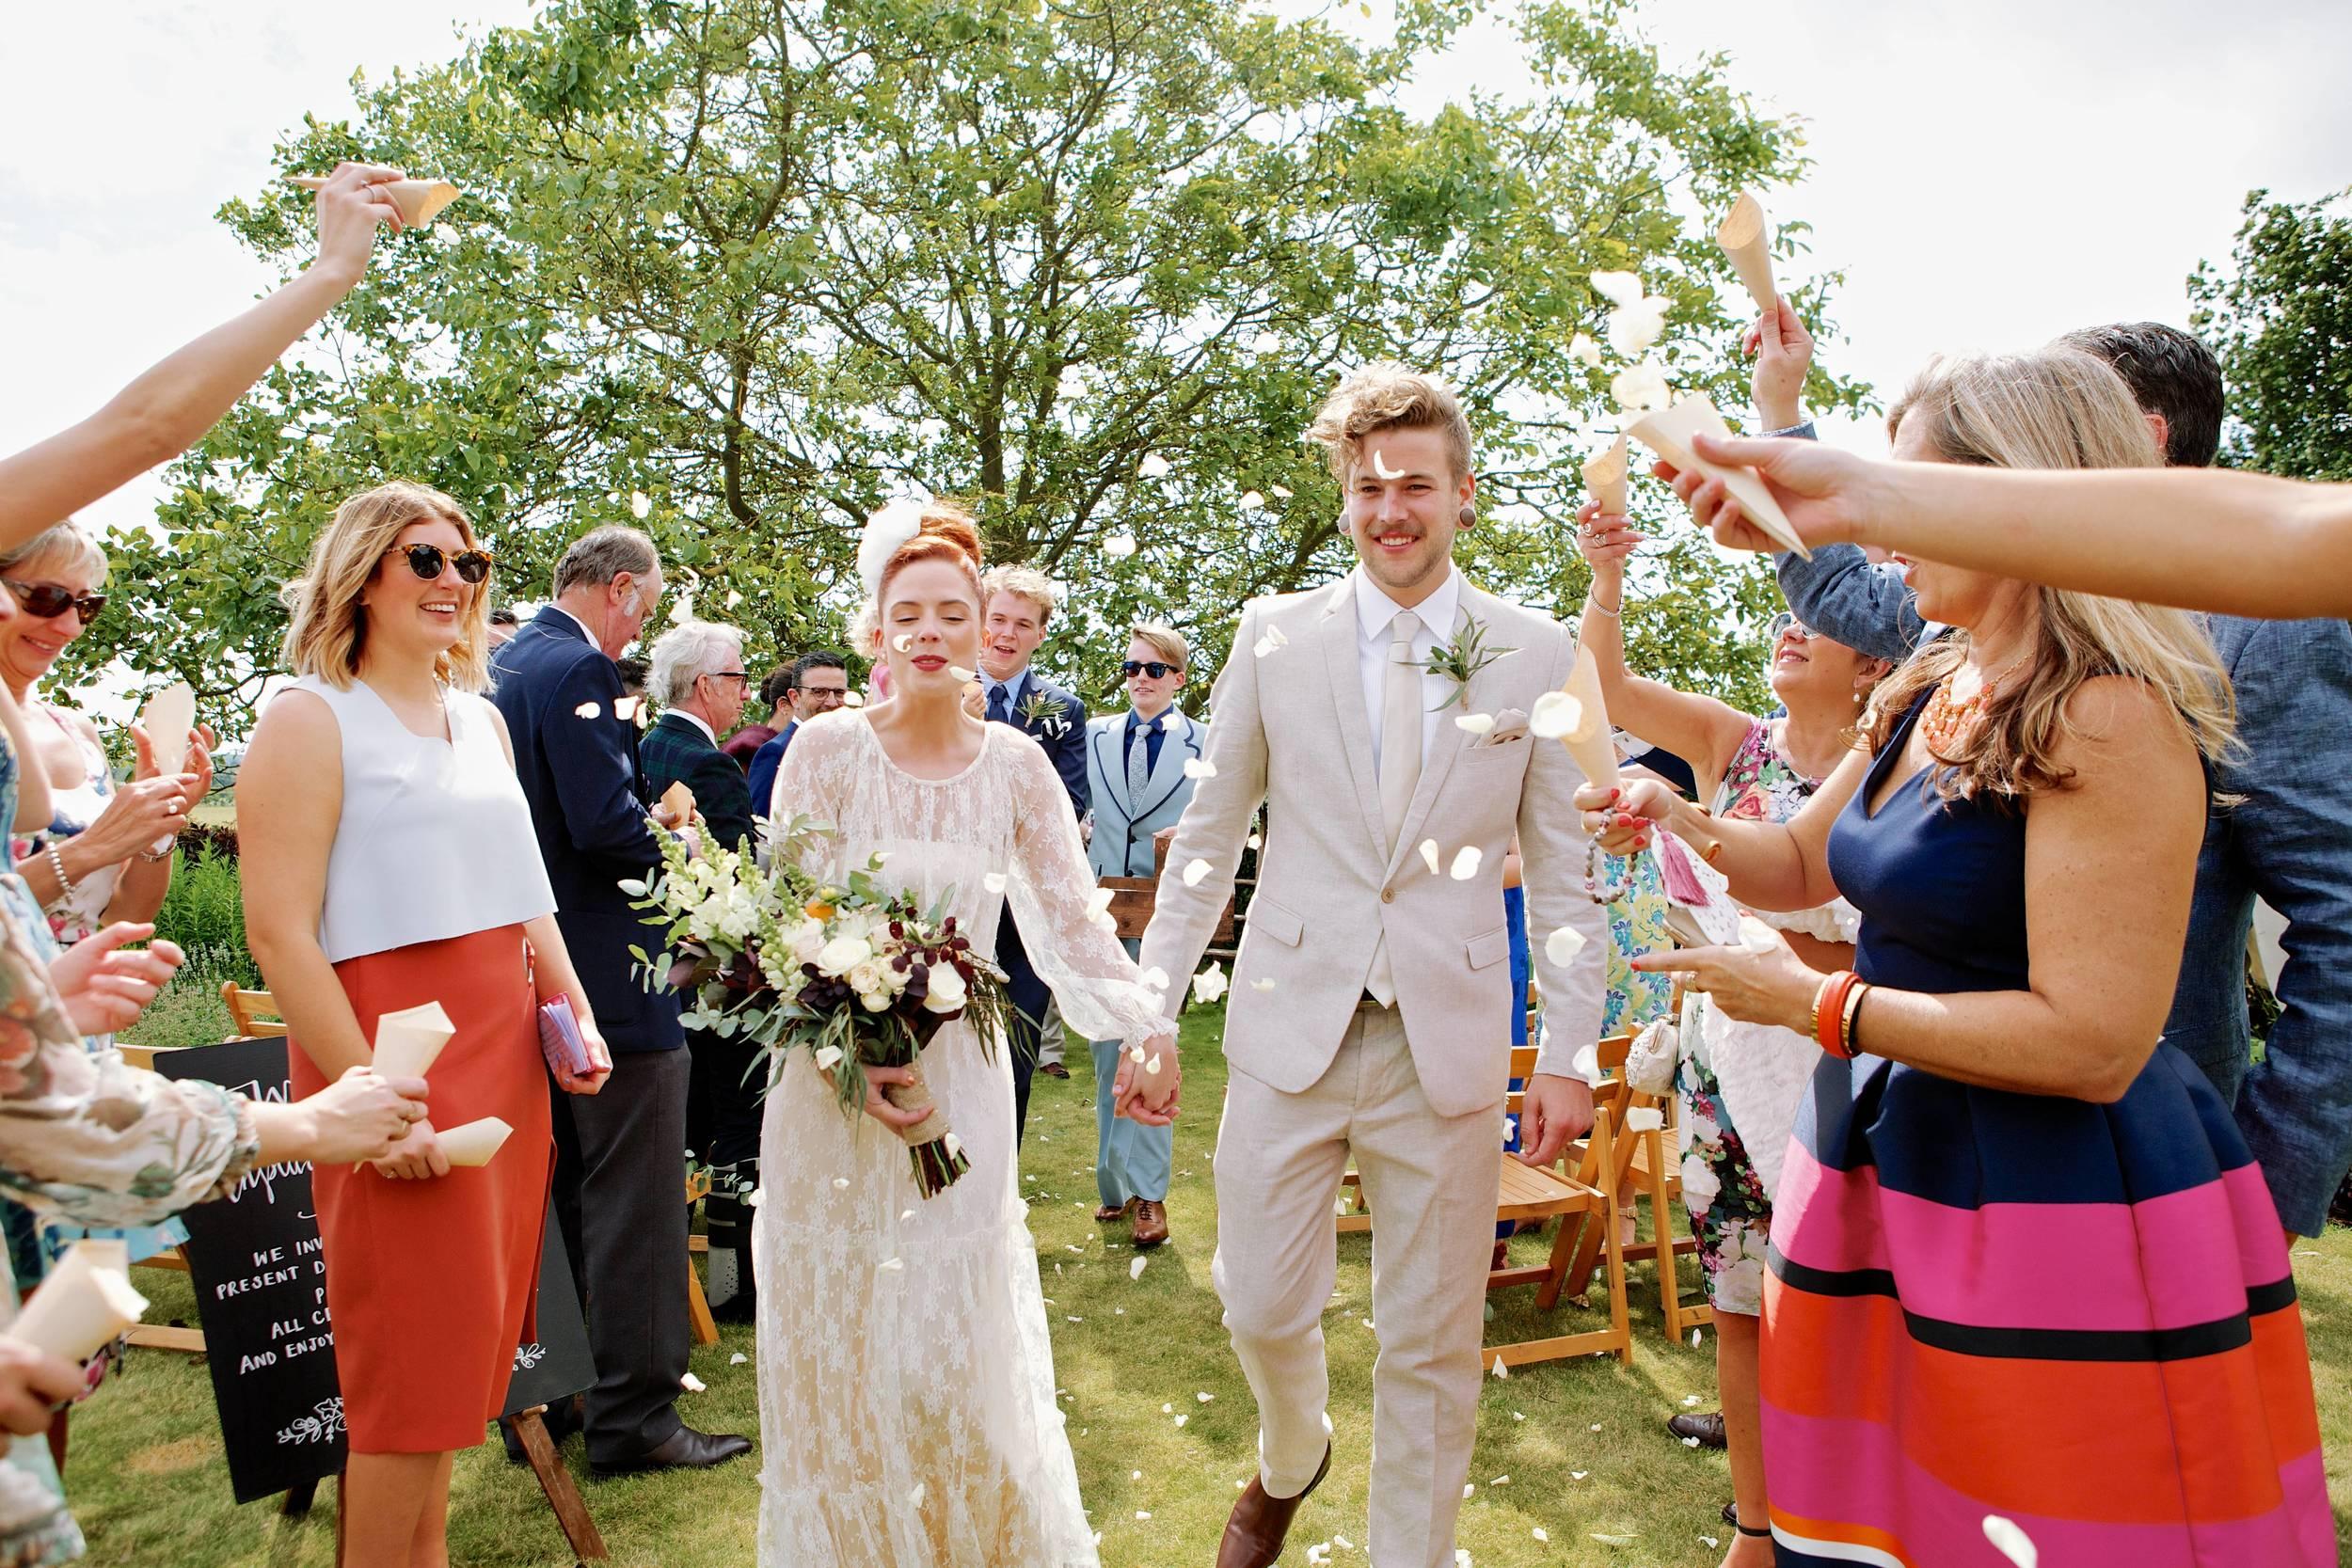 Hill_Wedding_3O5A5162.jpg